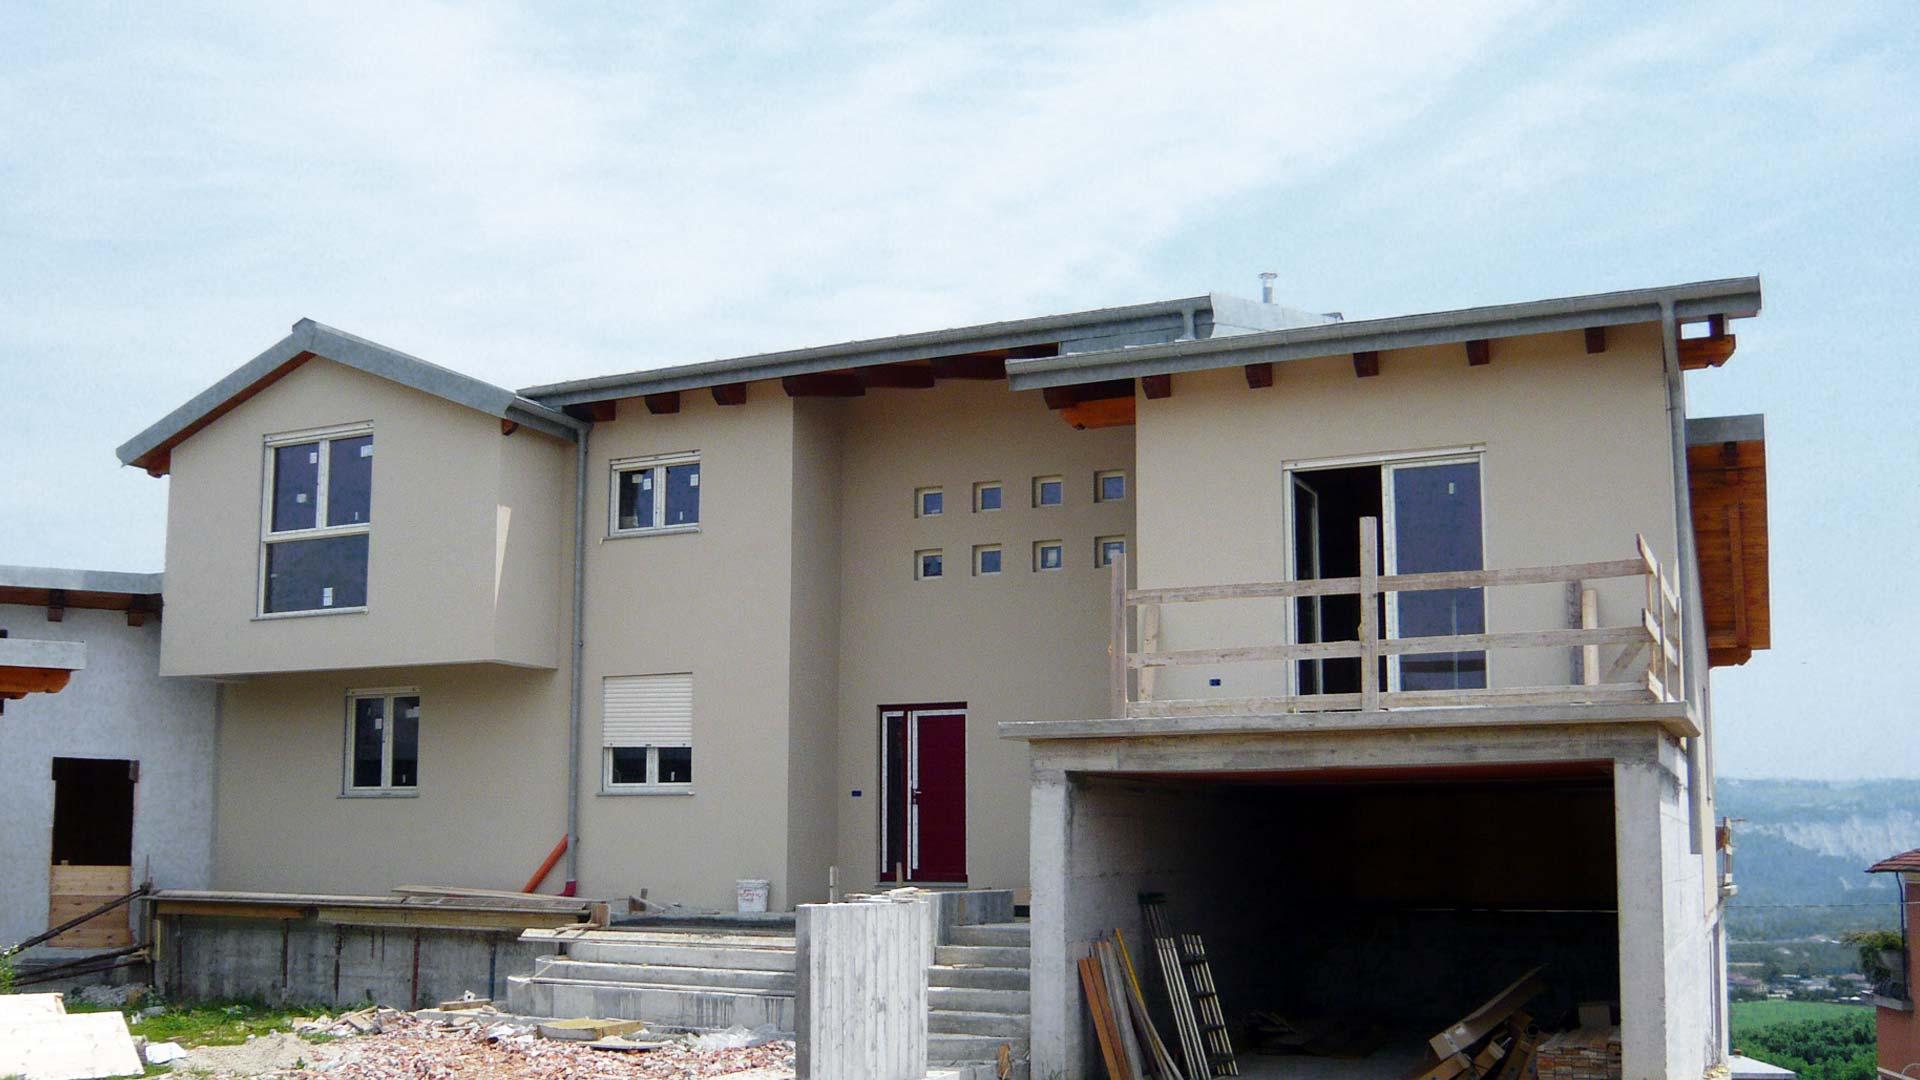 Piozzo cuneo villa in legno bbs pannelli prefabbricati for Piani prefabbricati